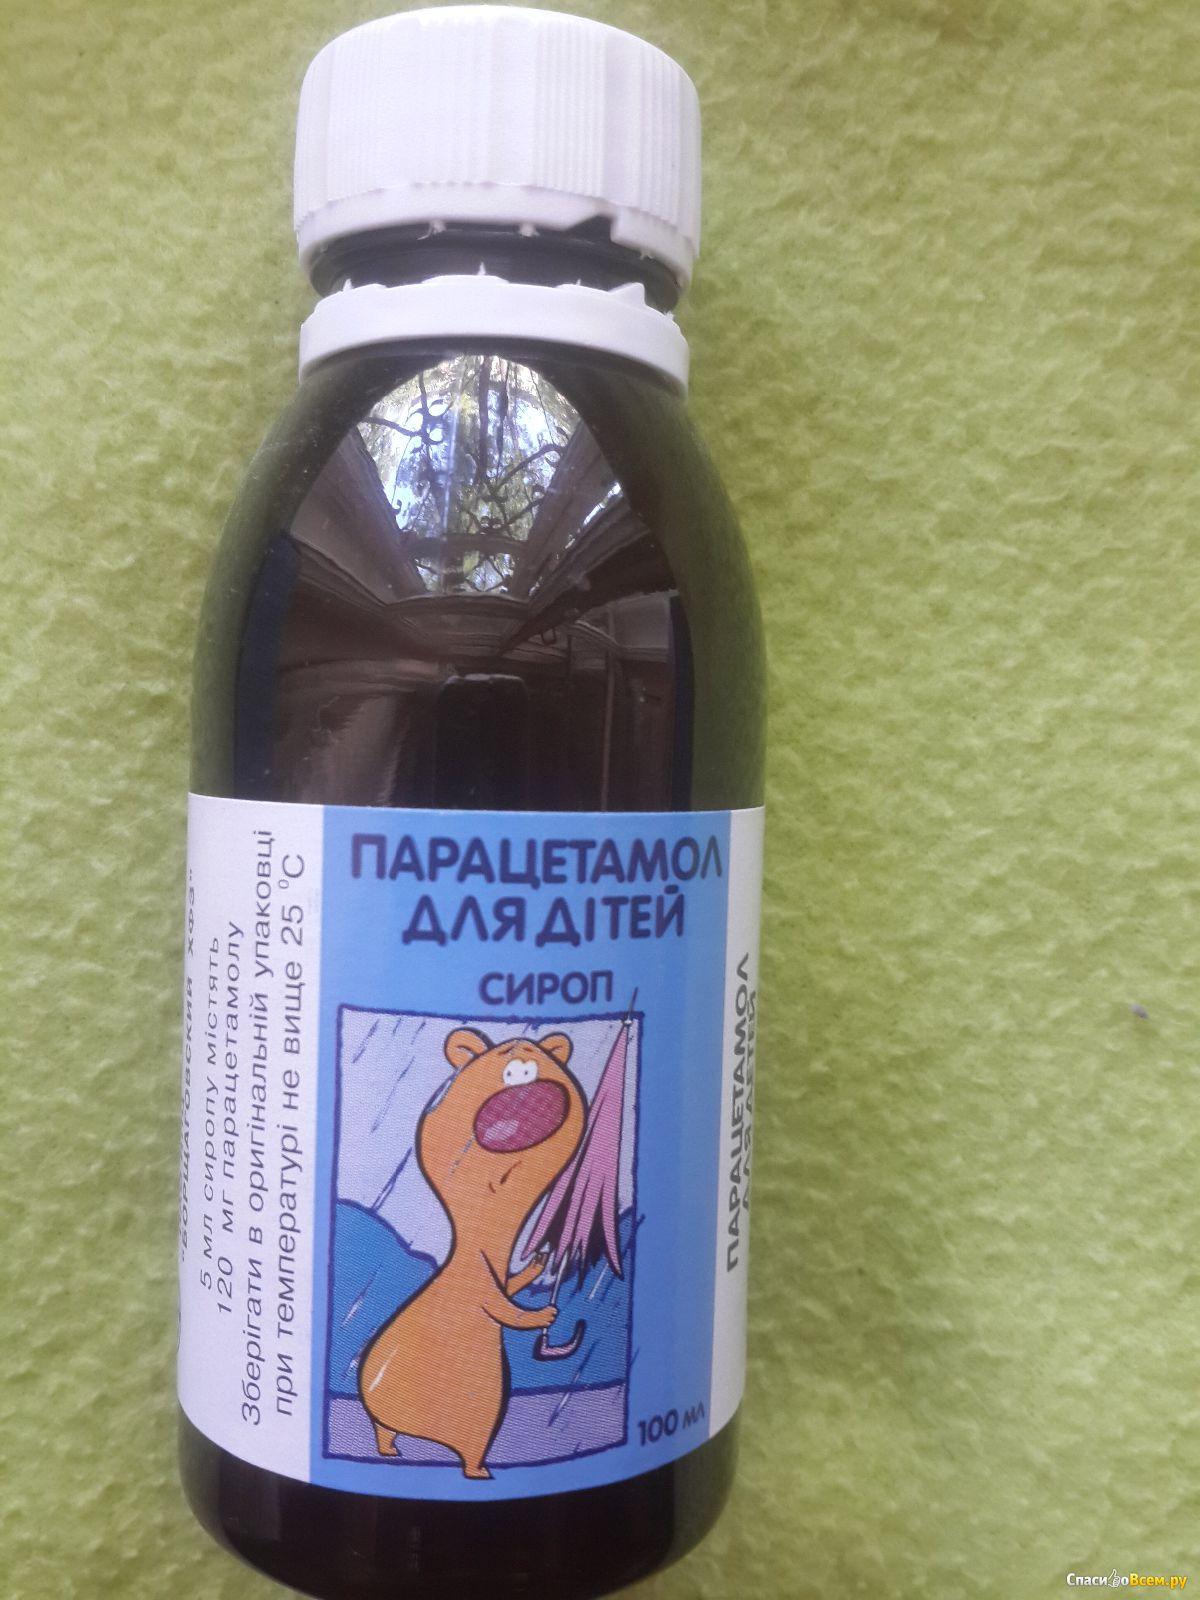 Парацетамол сироп для детей инструкция фото